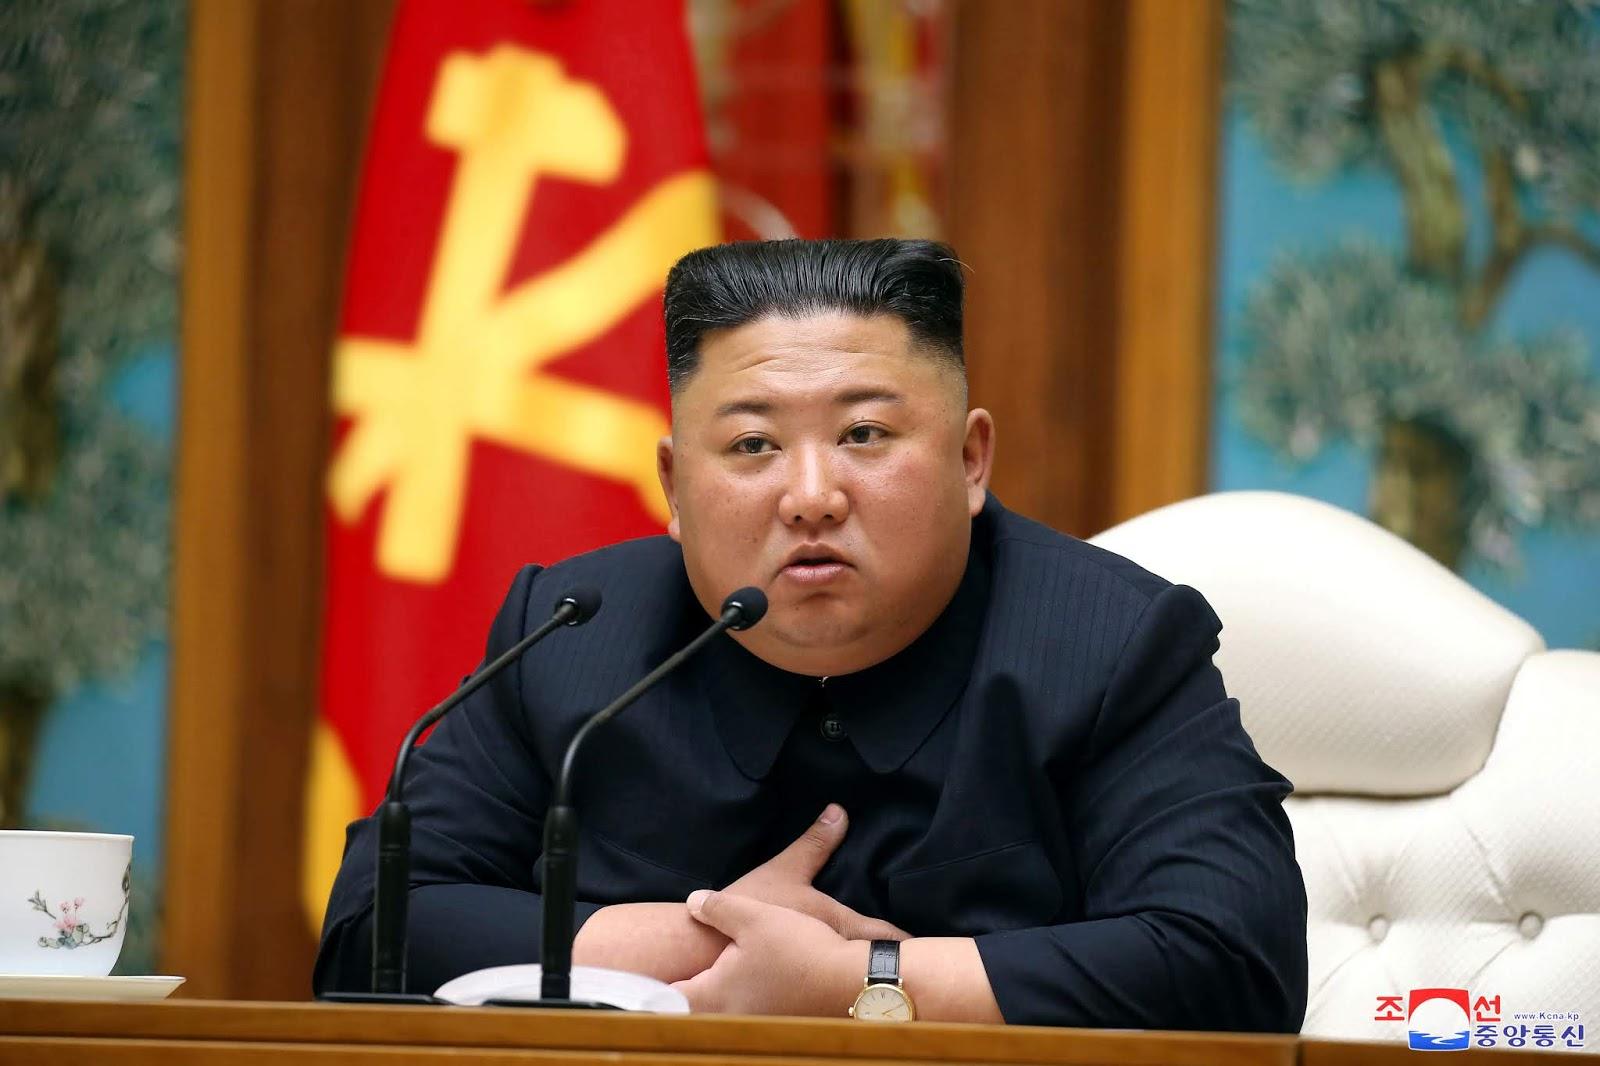 Crecen los rumores sobre la muerte del líder norcoreano Kim Jong-un